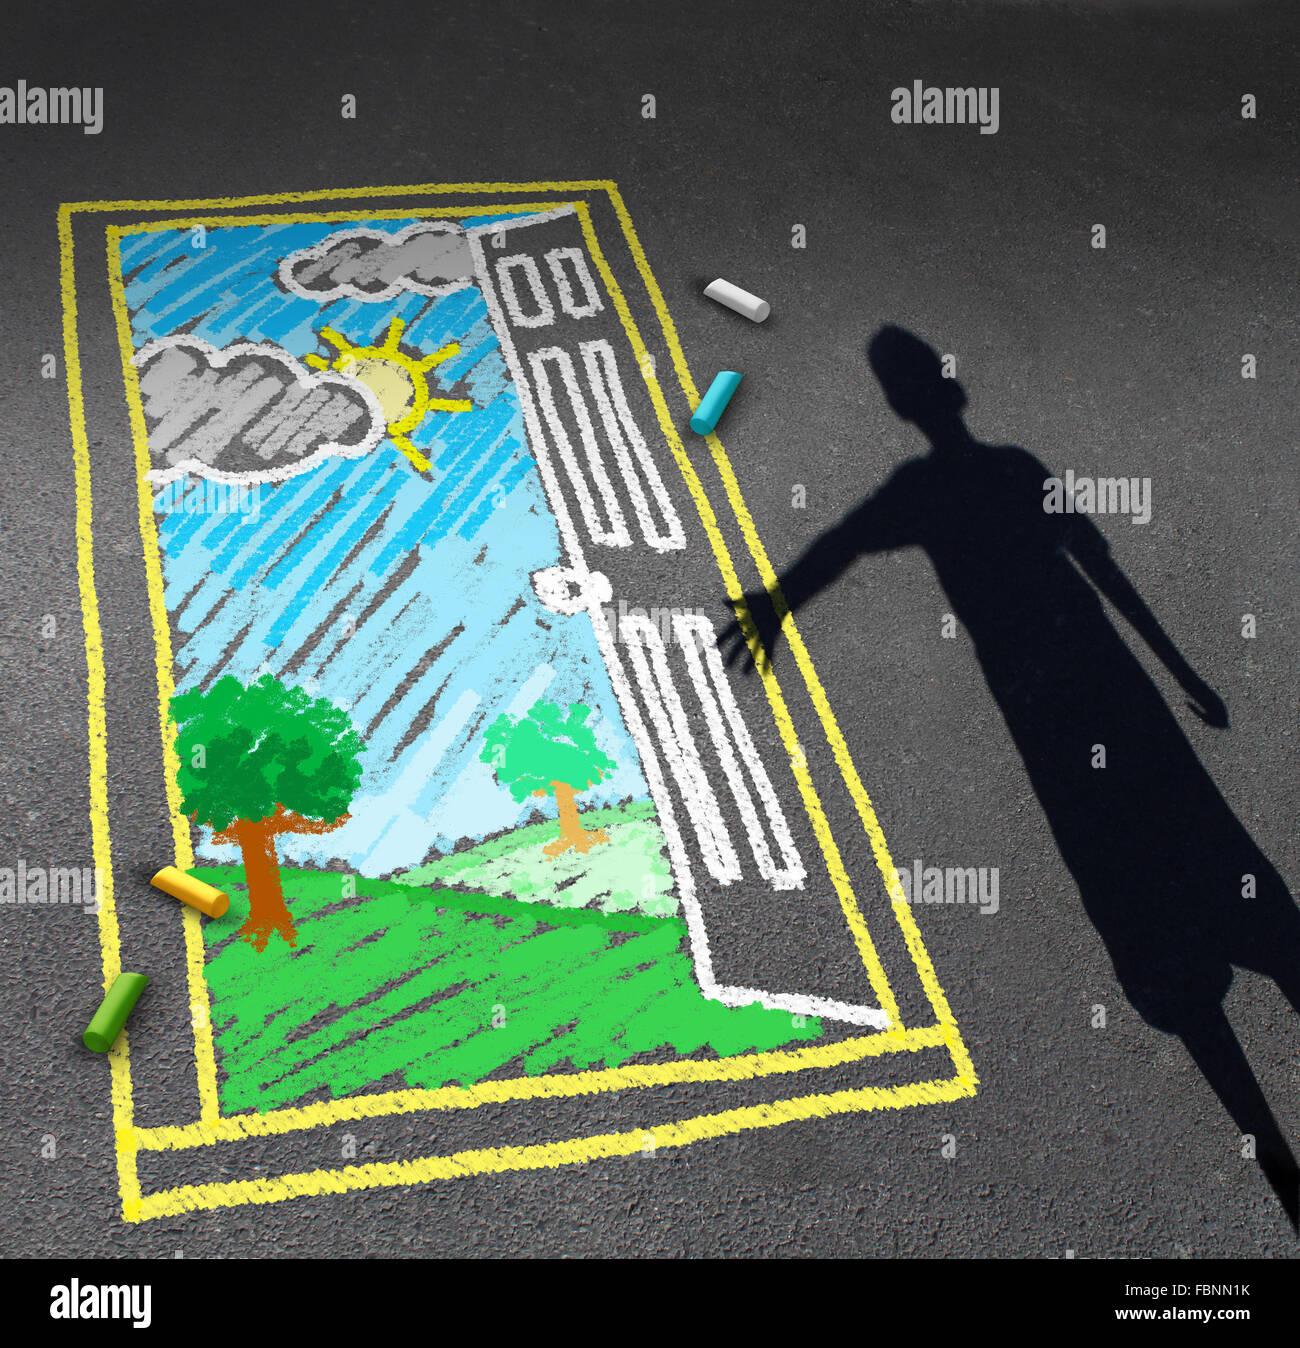 La infancia oportunidad concepto y símbolo de la imaginación del niño como una sombra de un niño Imagen De Stock